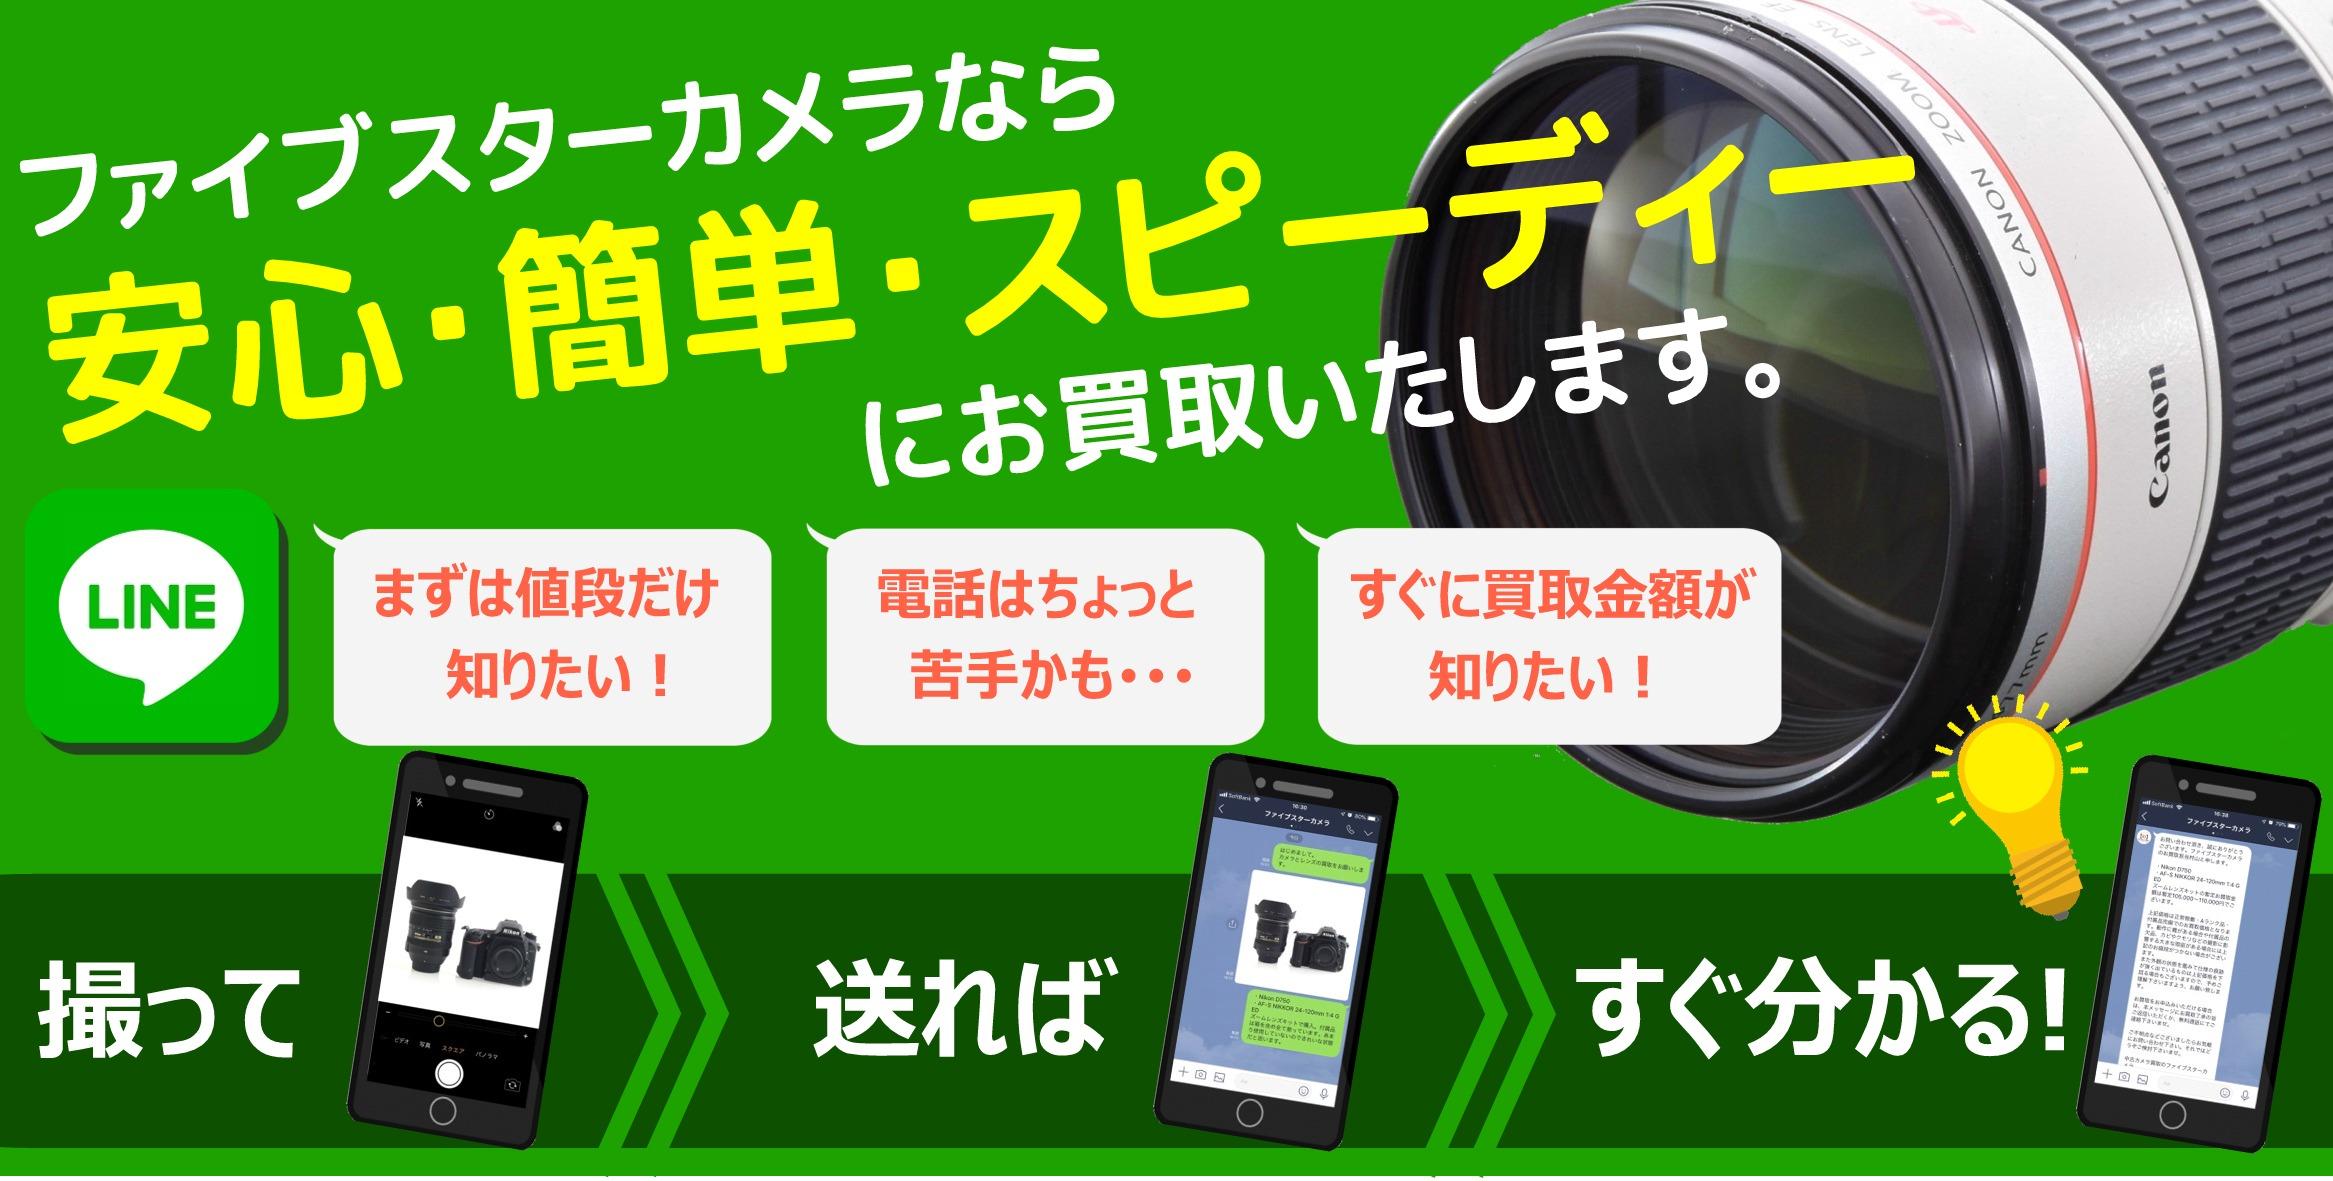 Line買取フォーム